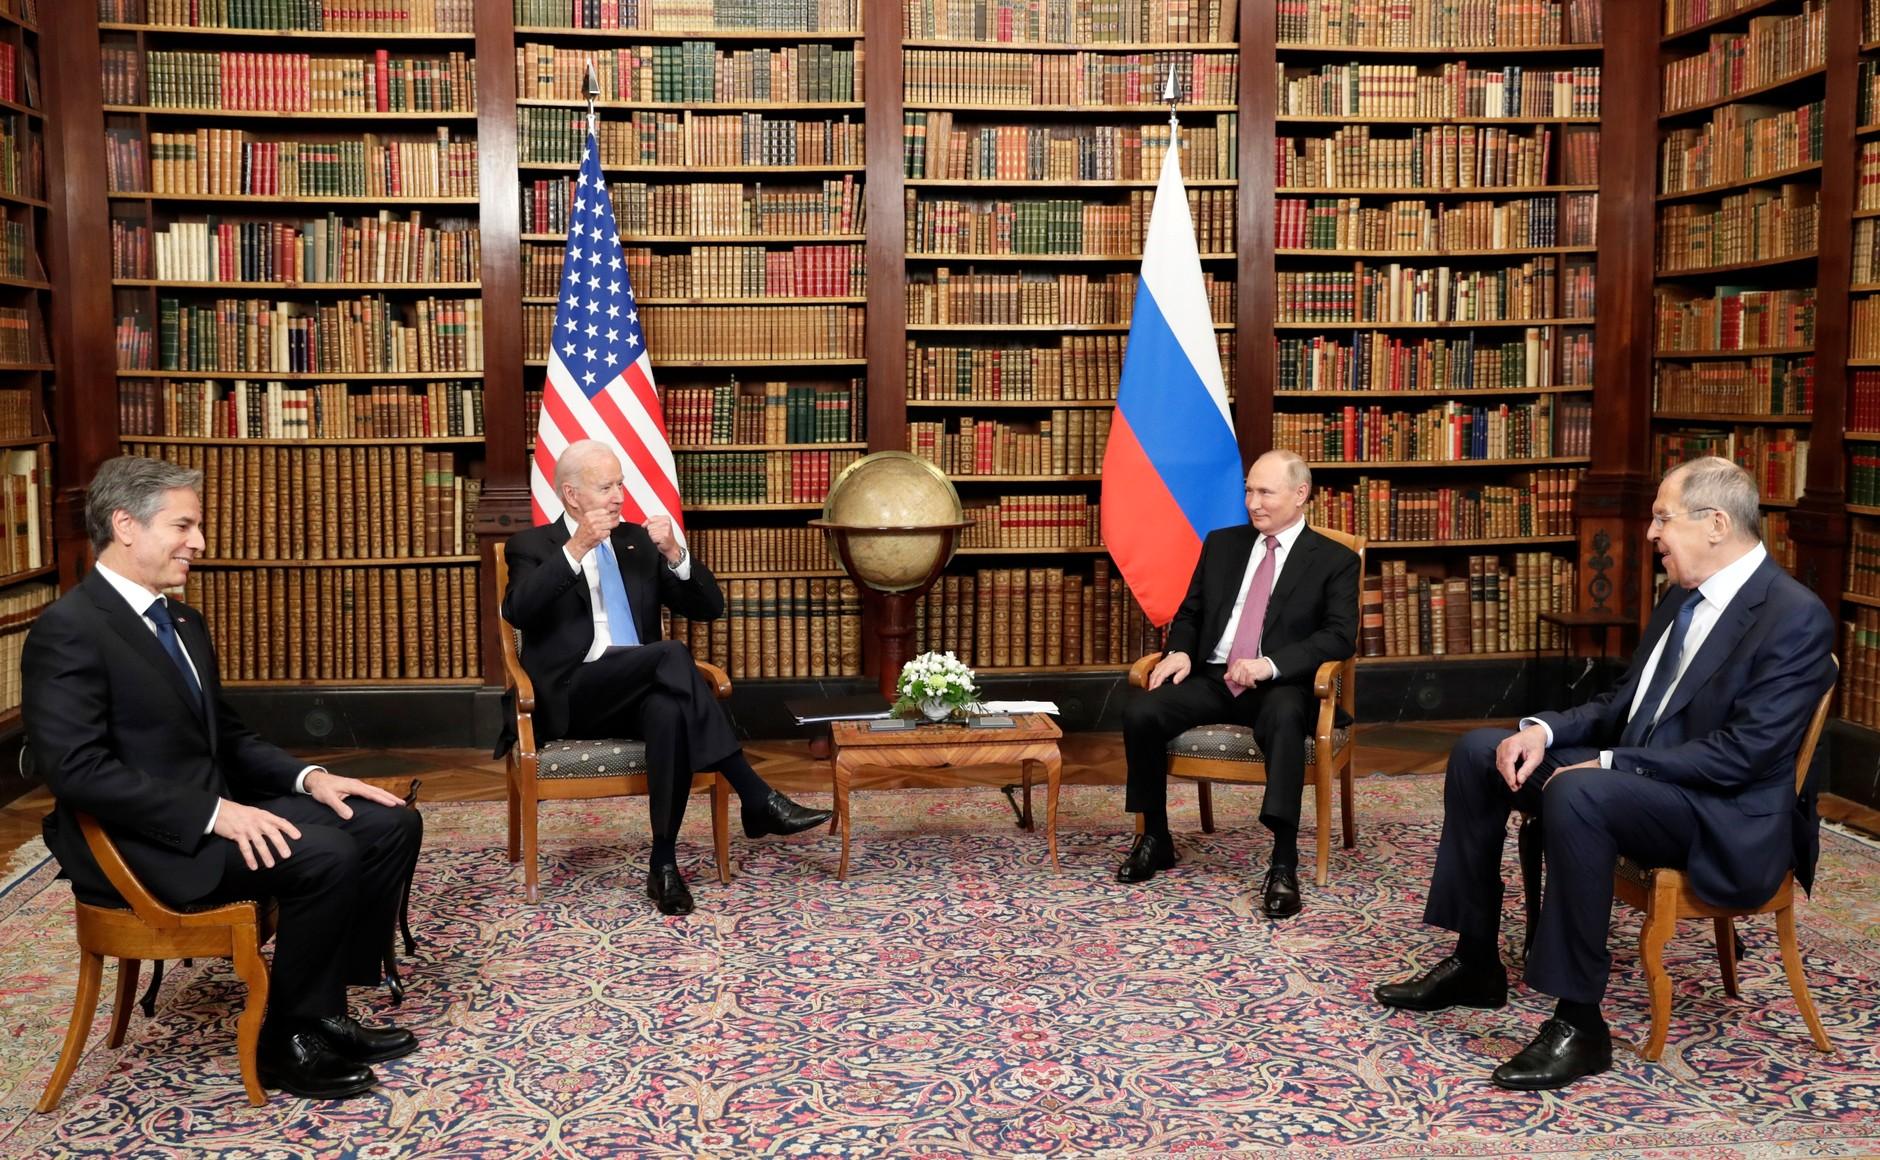 RUSSIE USA 12 X 16 Avec le président des États-Unis d'Amérique Joseph Biden avant les pourparlers russo-américains. Photo TASS